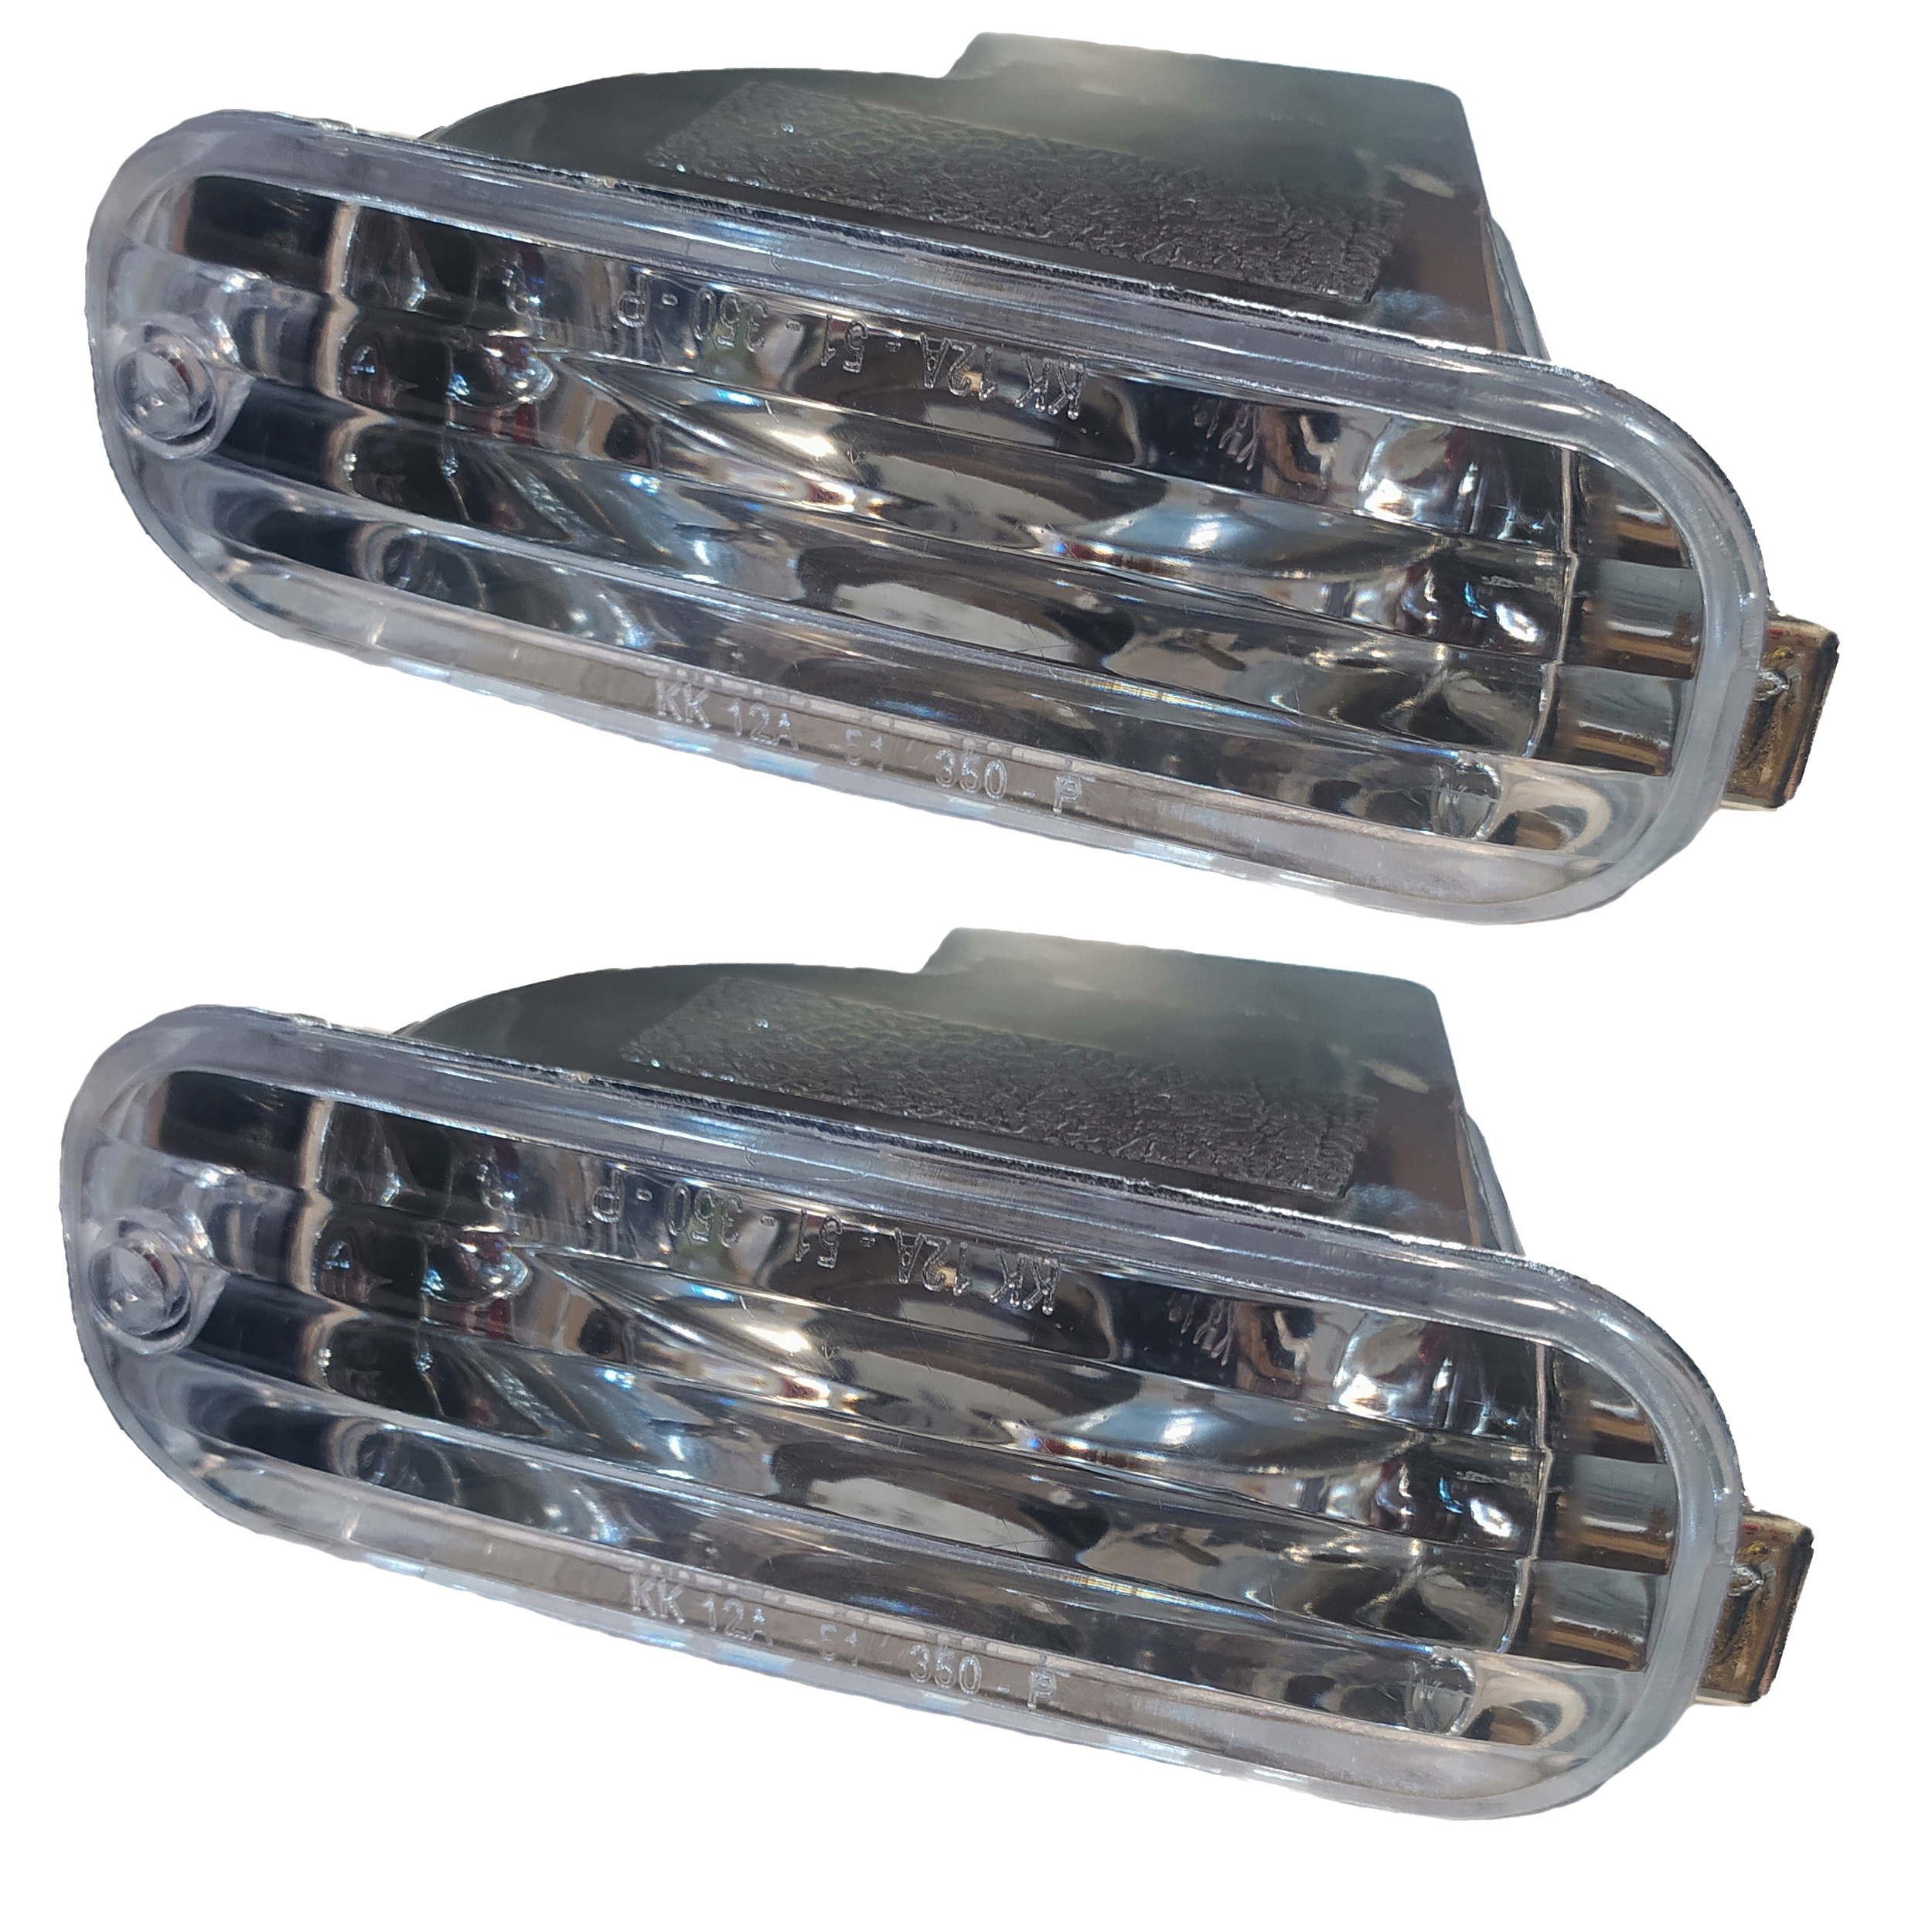 چراغ راهنما داخل سپر مدل JT123 مناسب برای پراید بسته 2 عددی